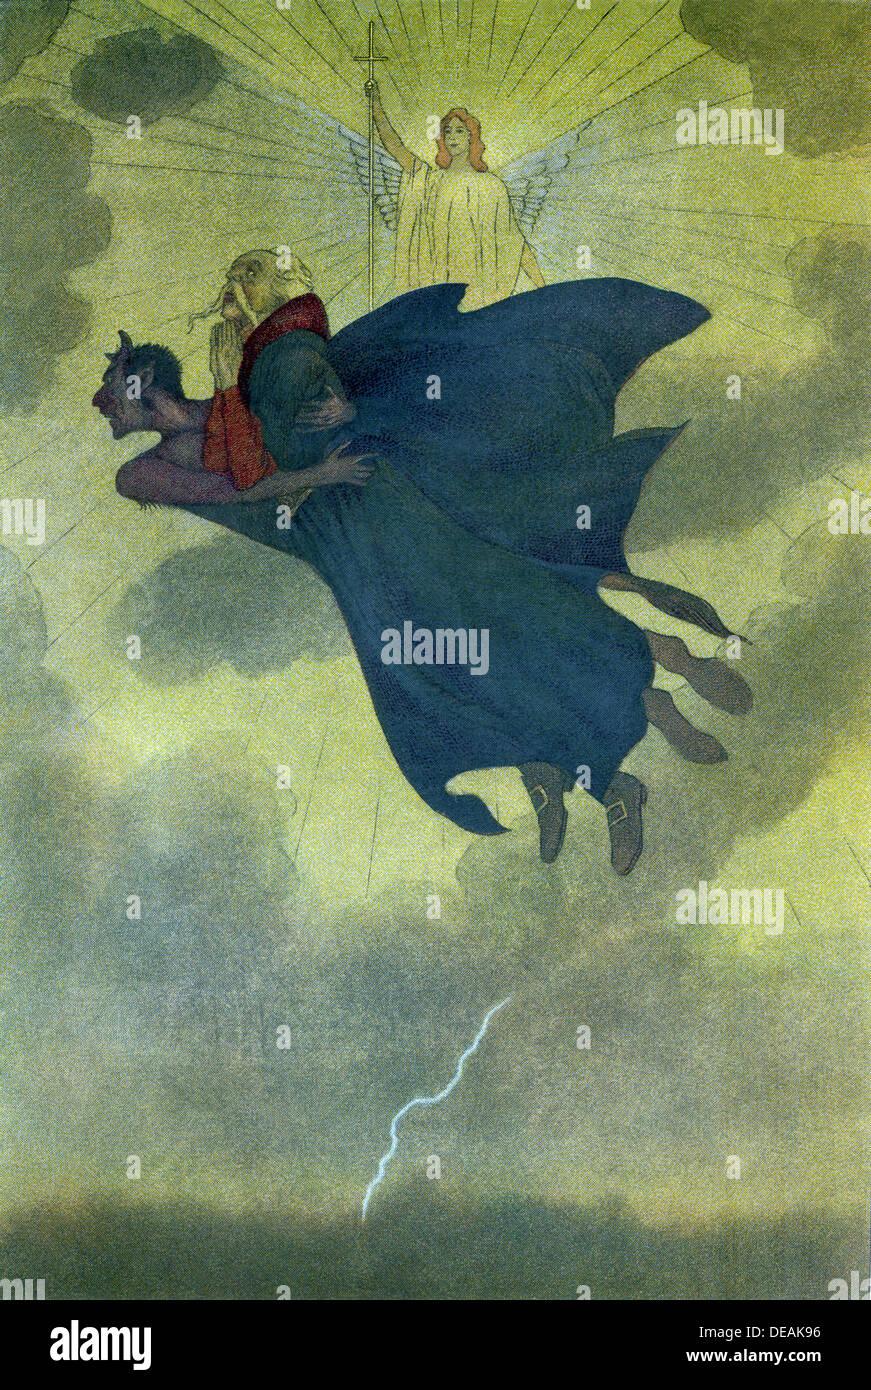 """Twardowski, der polnische Faust erscheint hier in den Armen der Teufel oder """"Evil One,"""" während ein Engel von oben gesehen. Stockbild"""